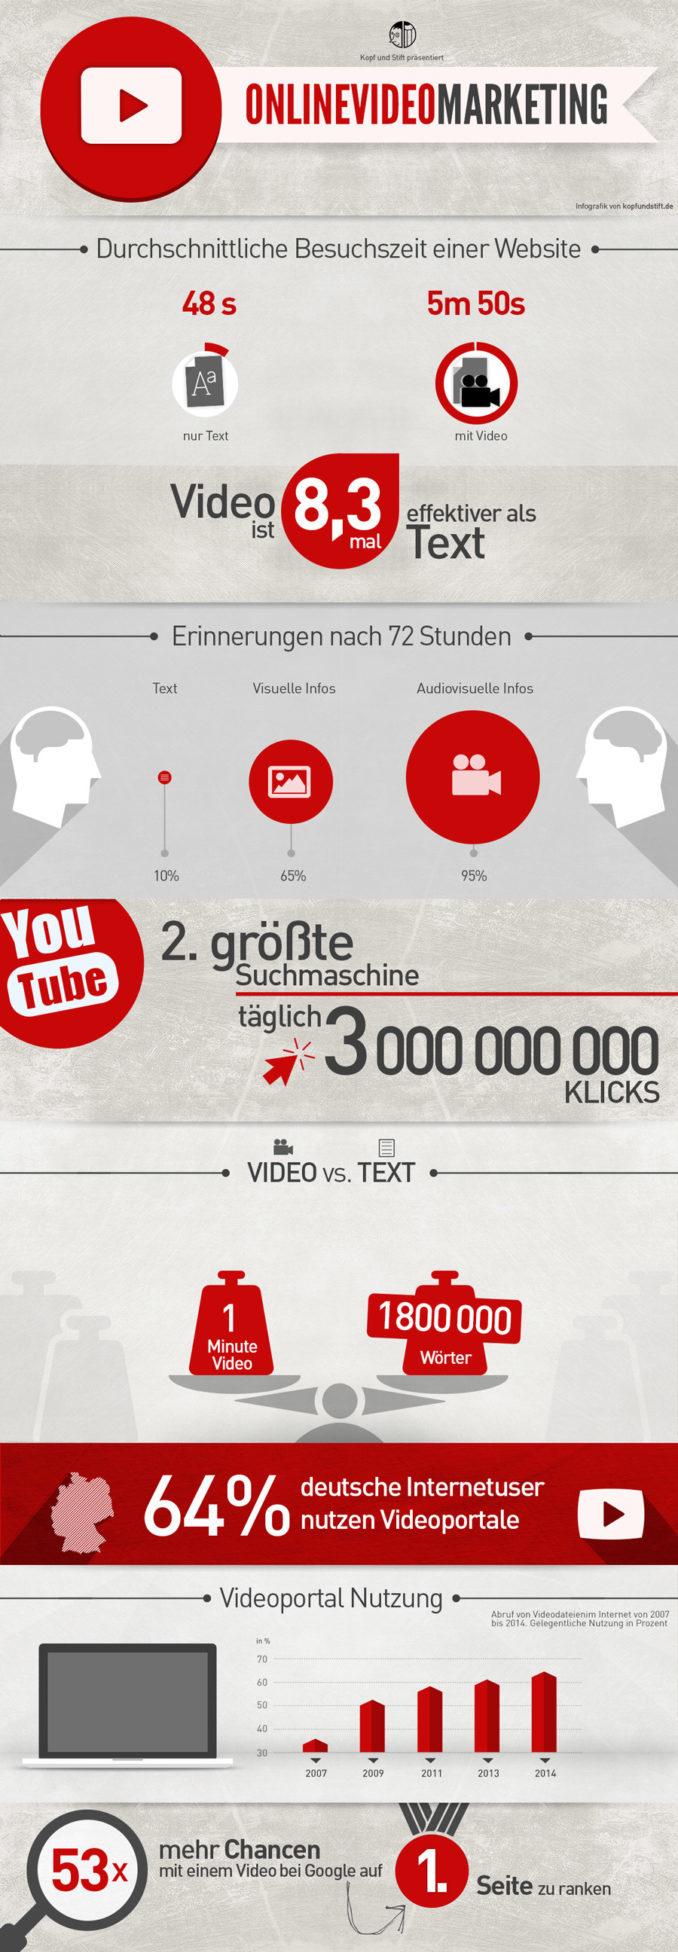 Youtube Videos Vorteile Schaubild (Bild: kopfundstift.de)